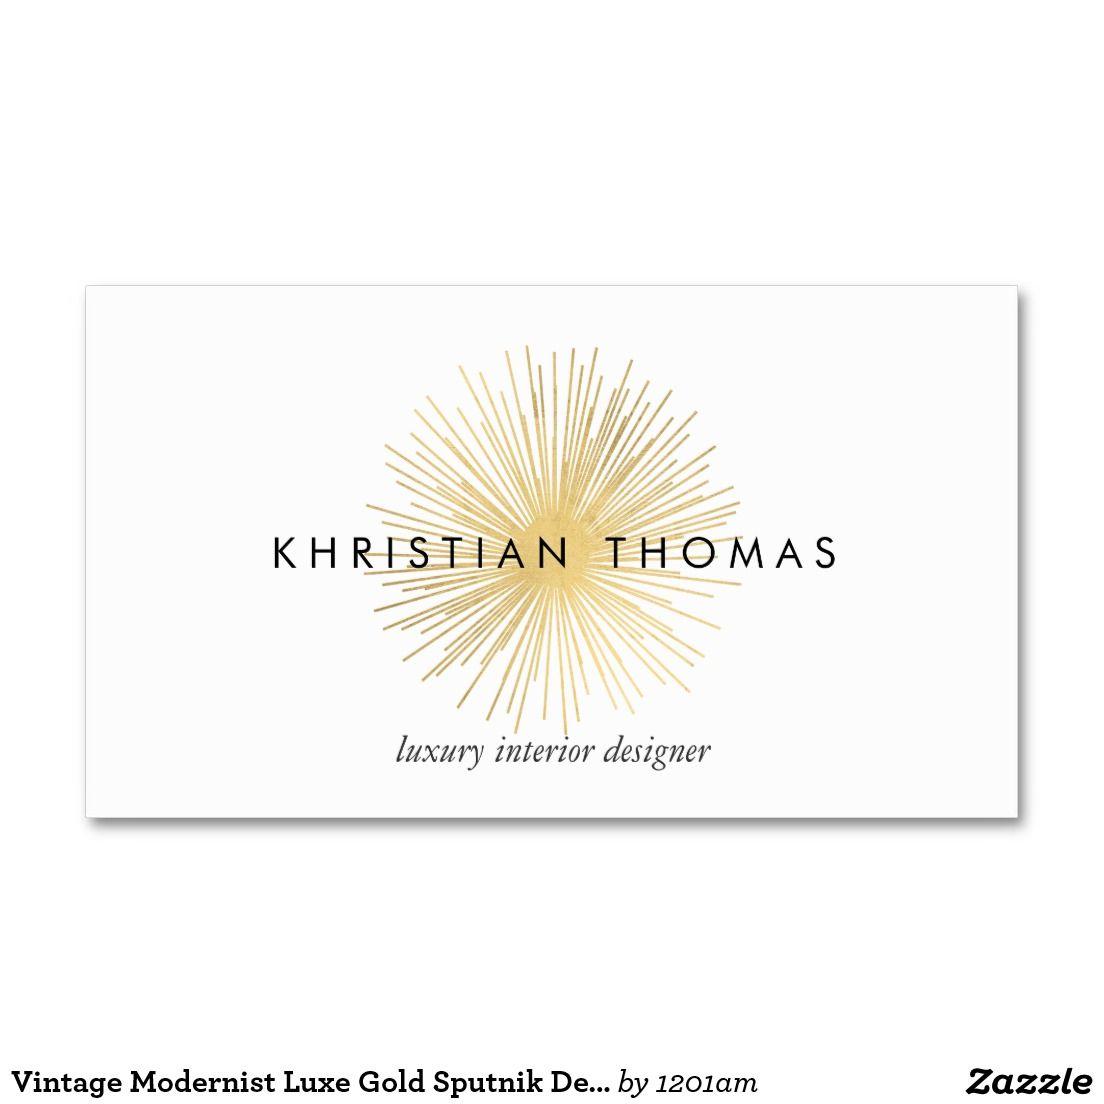 Vintage Modernist Luxe Gold Sputnik Business Card for Interior ...